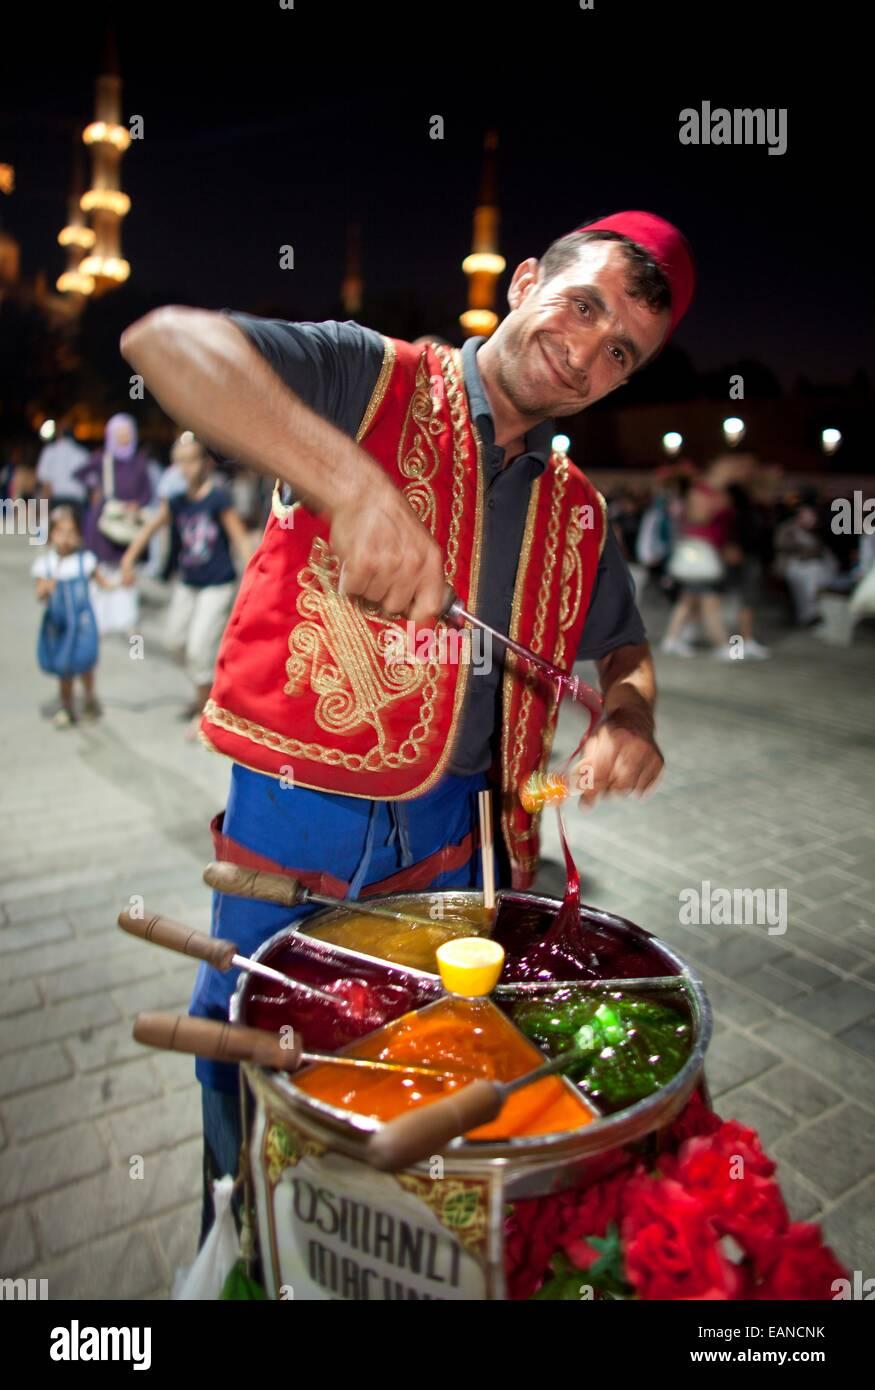 Straßenhändler, Verkauf von Süßigkeiten, istanbul Stockbild